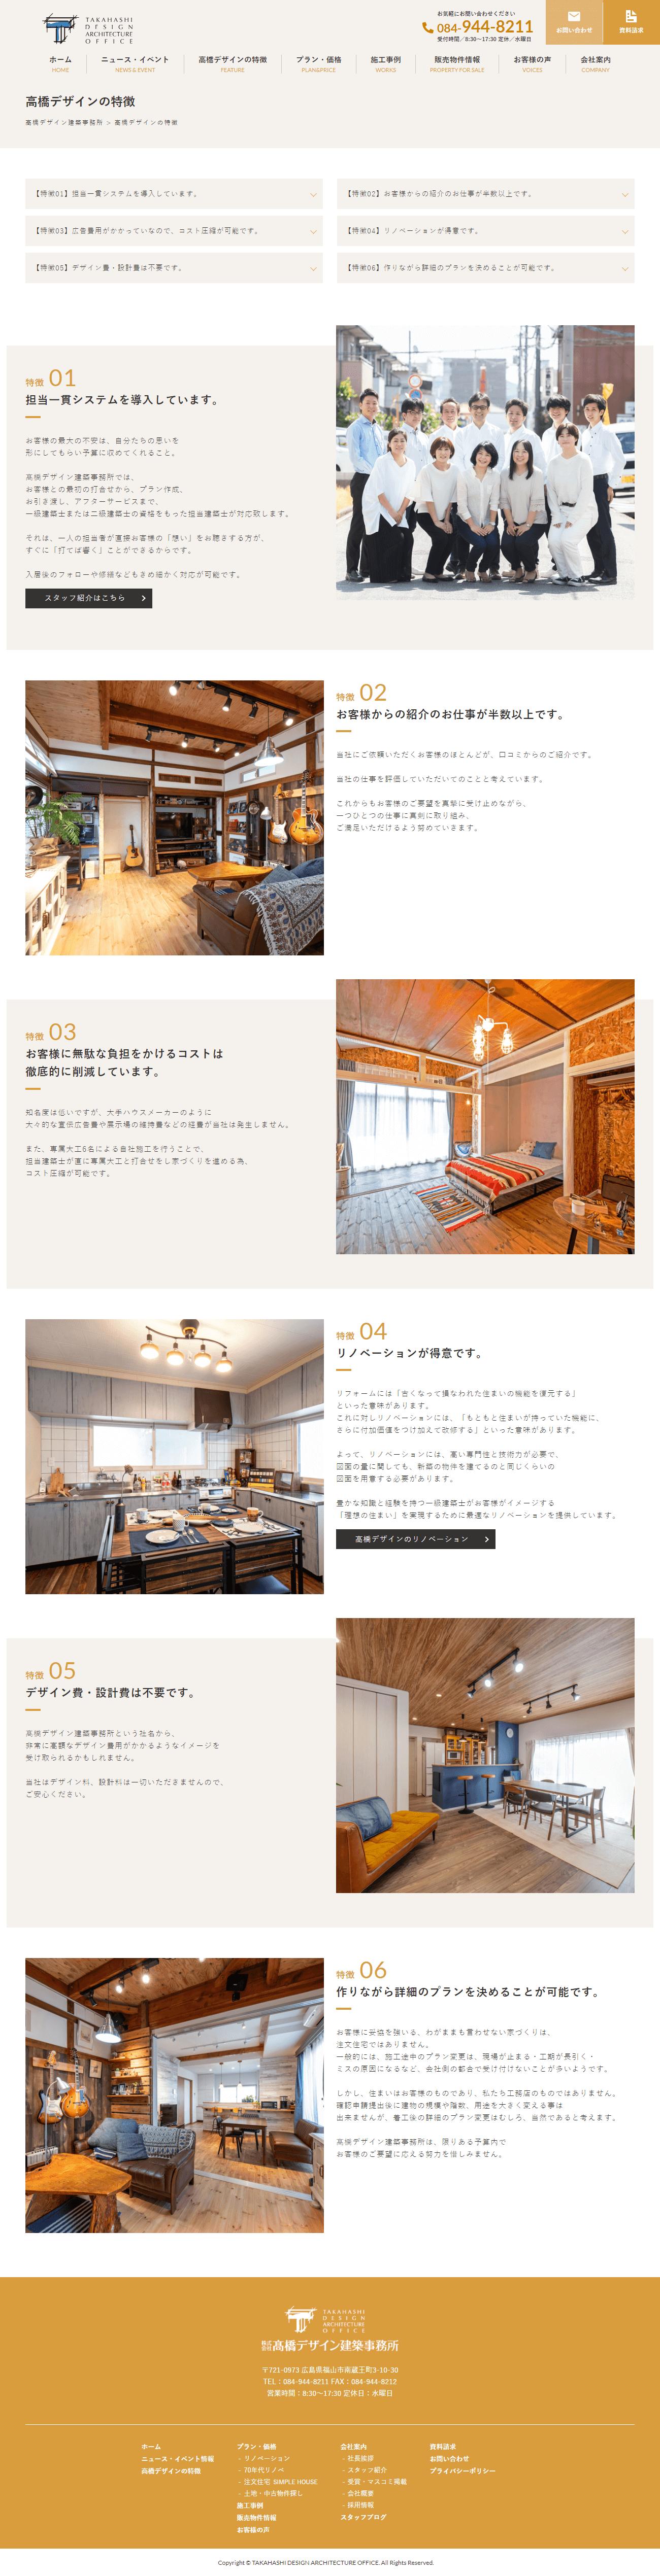 広島県 株式会社髙橋デザイン建築事務所 ホームページ制作2